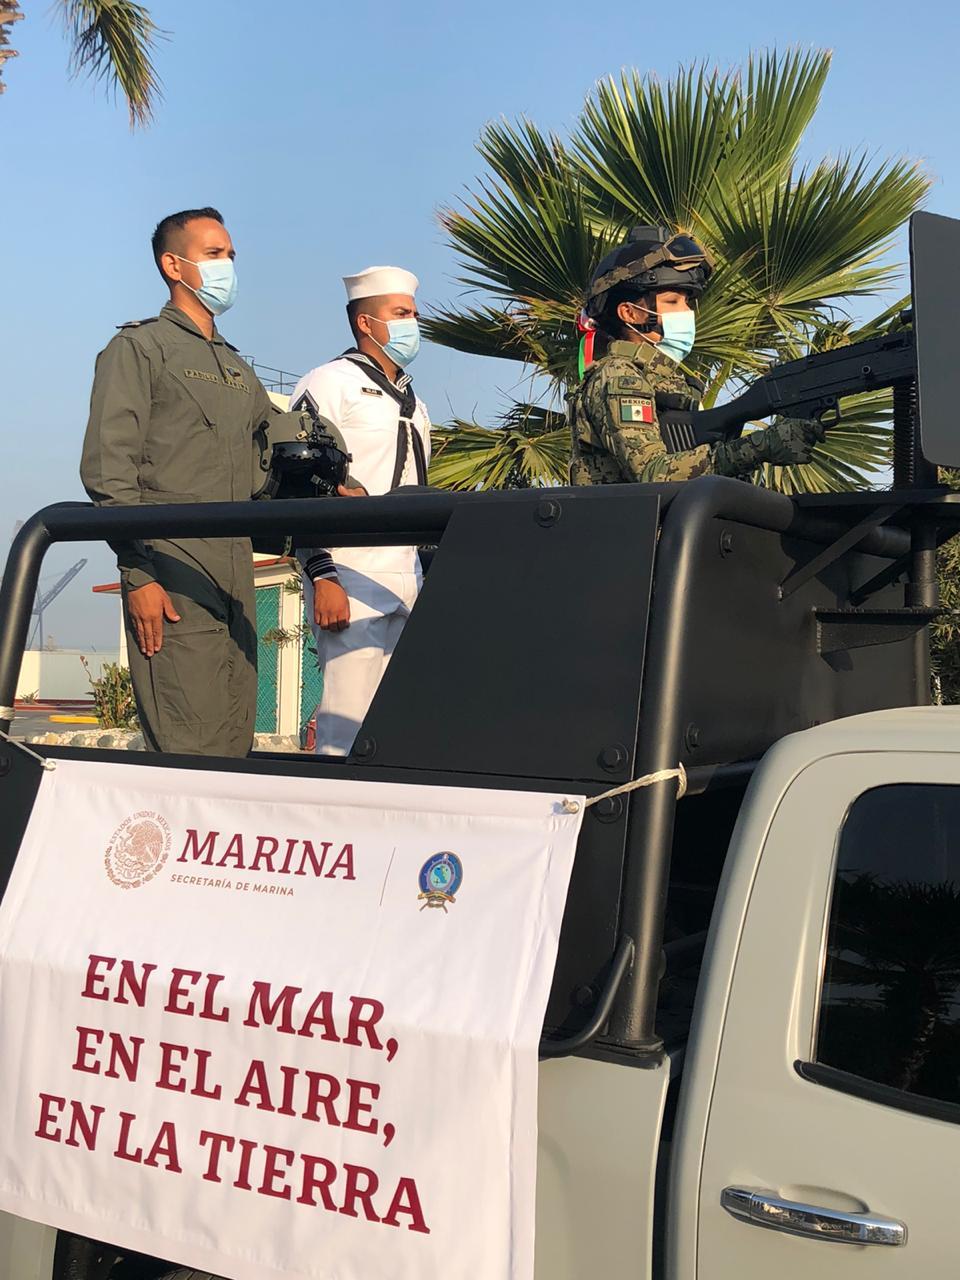 Fuerzas Armadas en vehículo terrestre